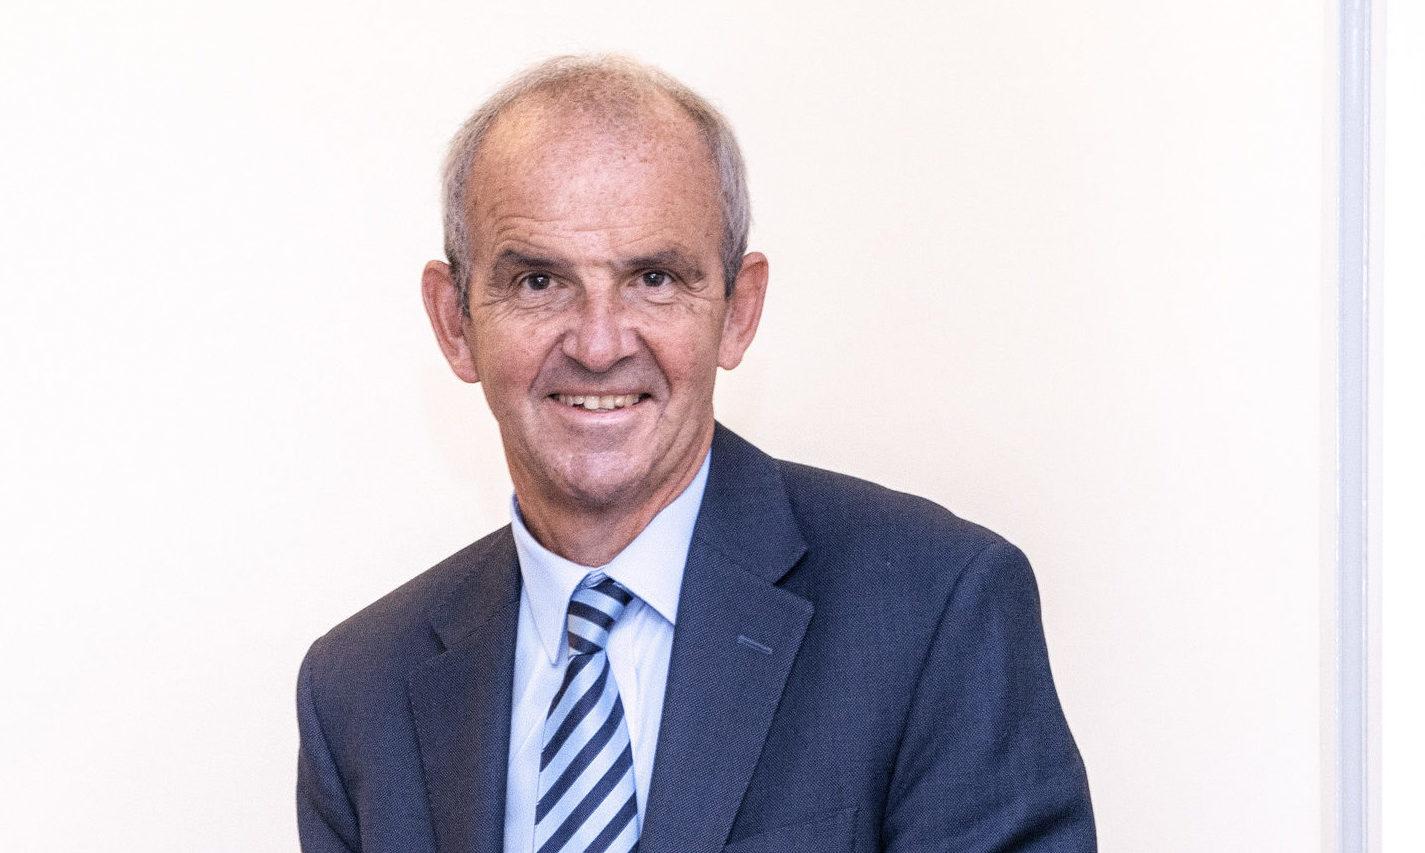 Professor John Harper